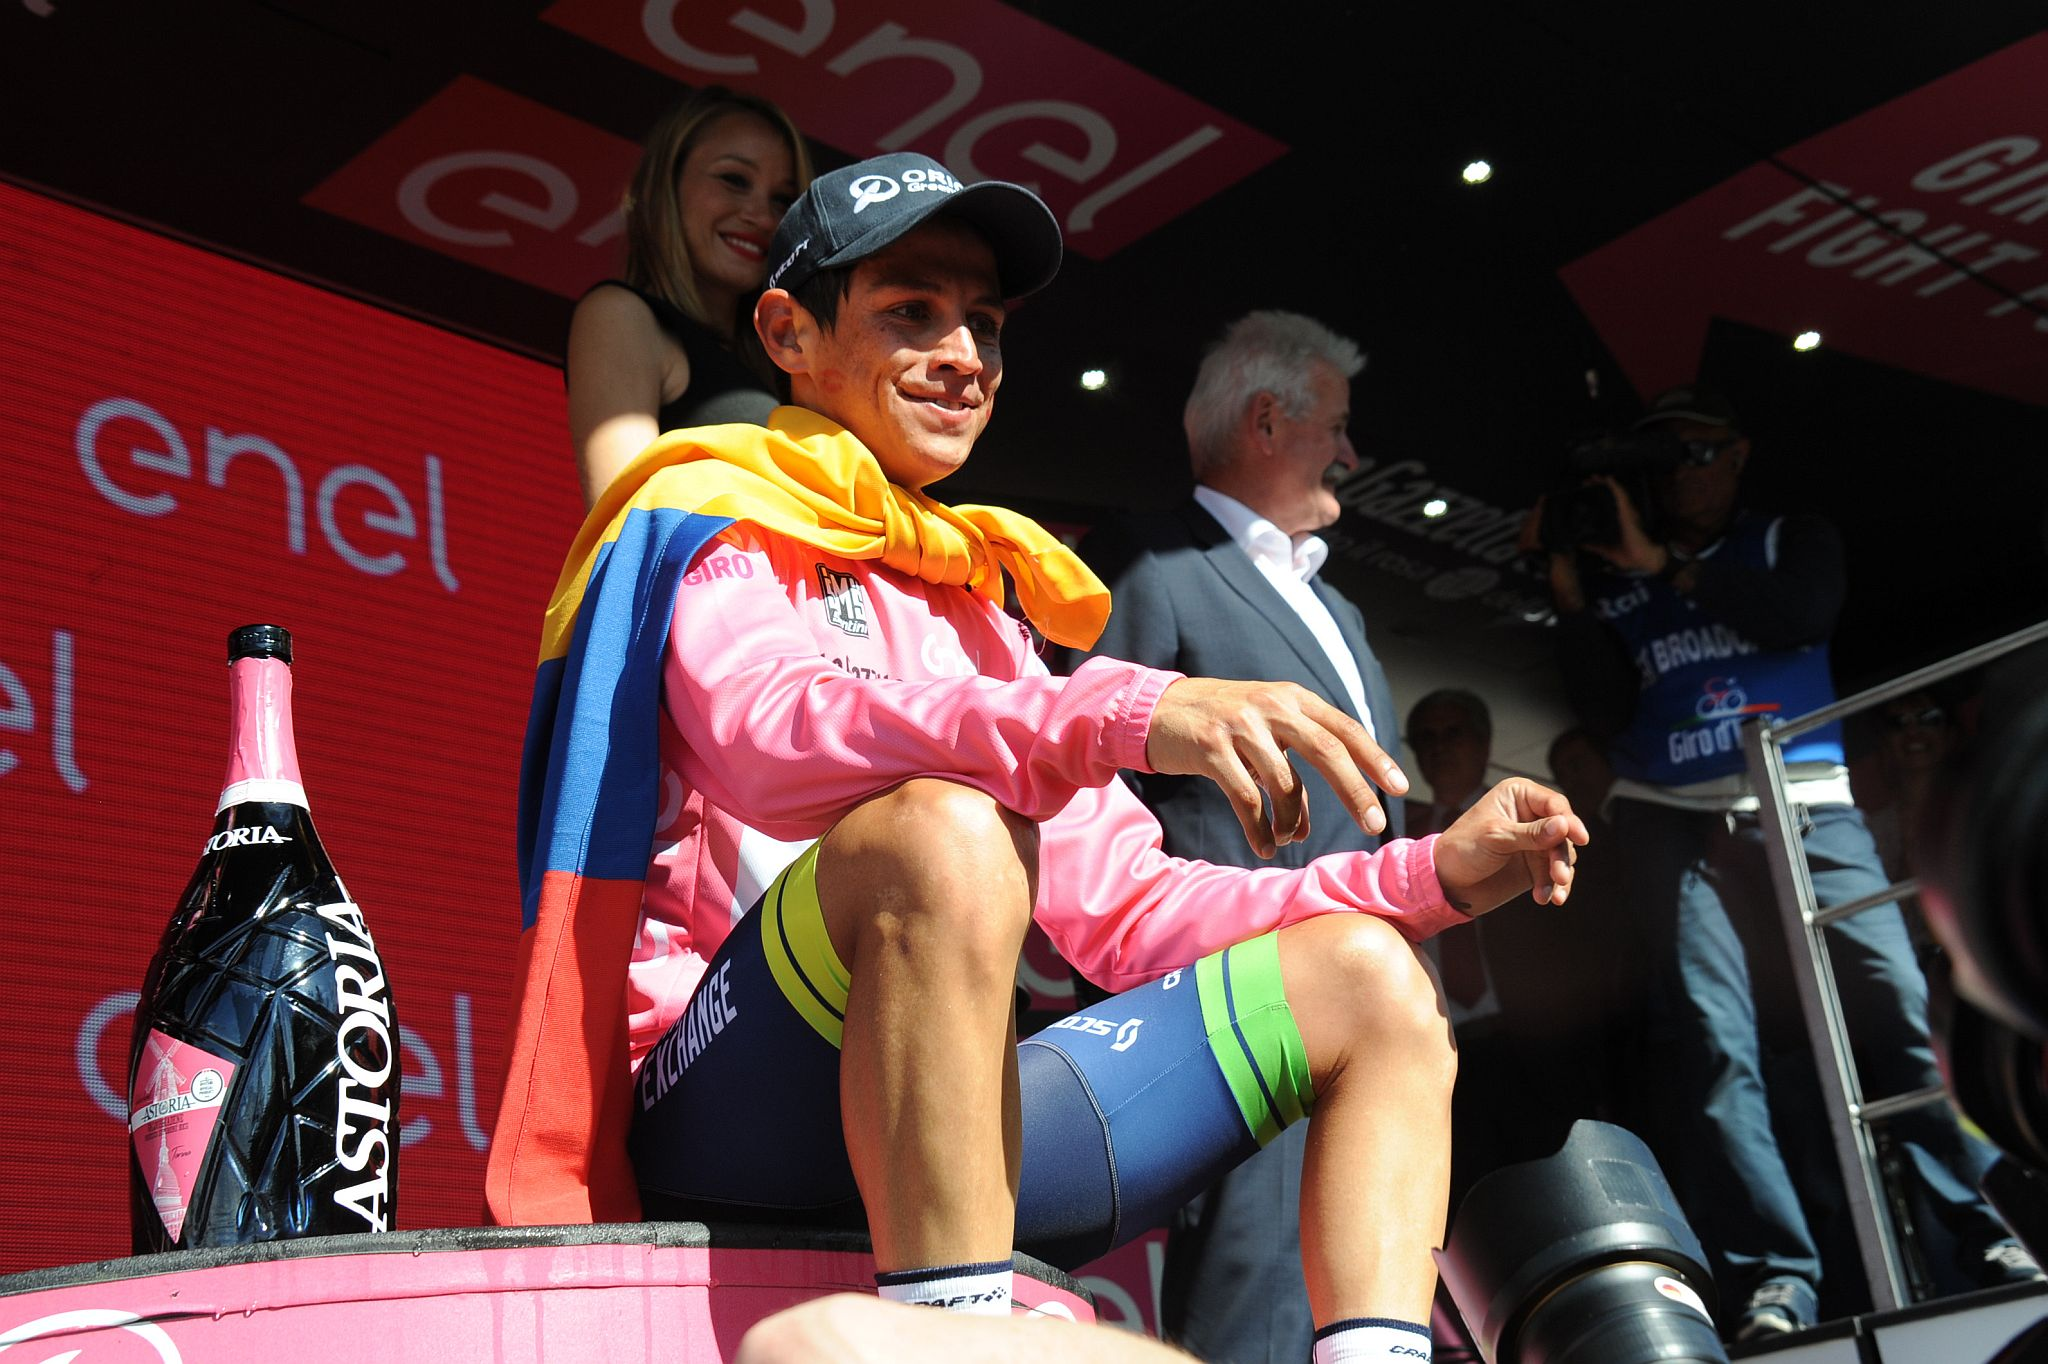 Chaves, az új rózsaszínű trikós, akit az Orica-GreenEdge csapat pozitív energiája is lökdös majd a hegyre...